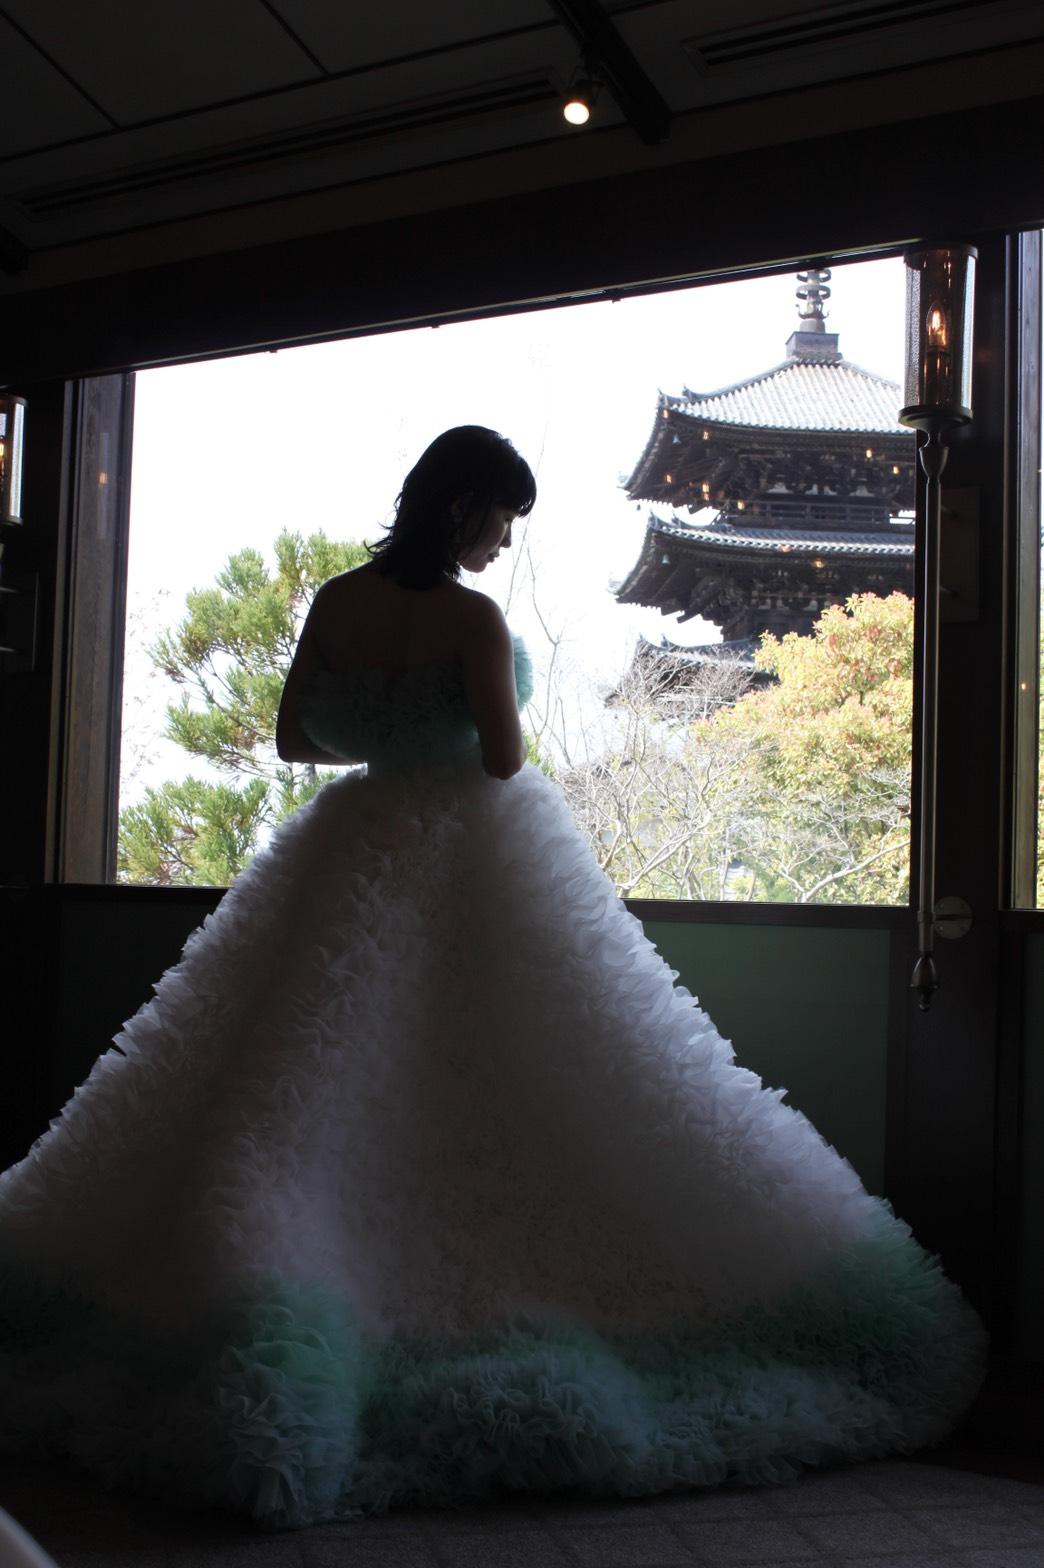 京都の風情が存分に味わえるTHE SODOH HIGASHIYAMA KYOTOから見える八坂の塔と合わせたショットは圧巻でボリュームラインのドレスがおすすめ